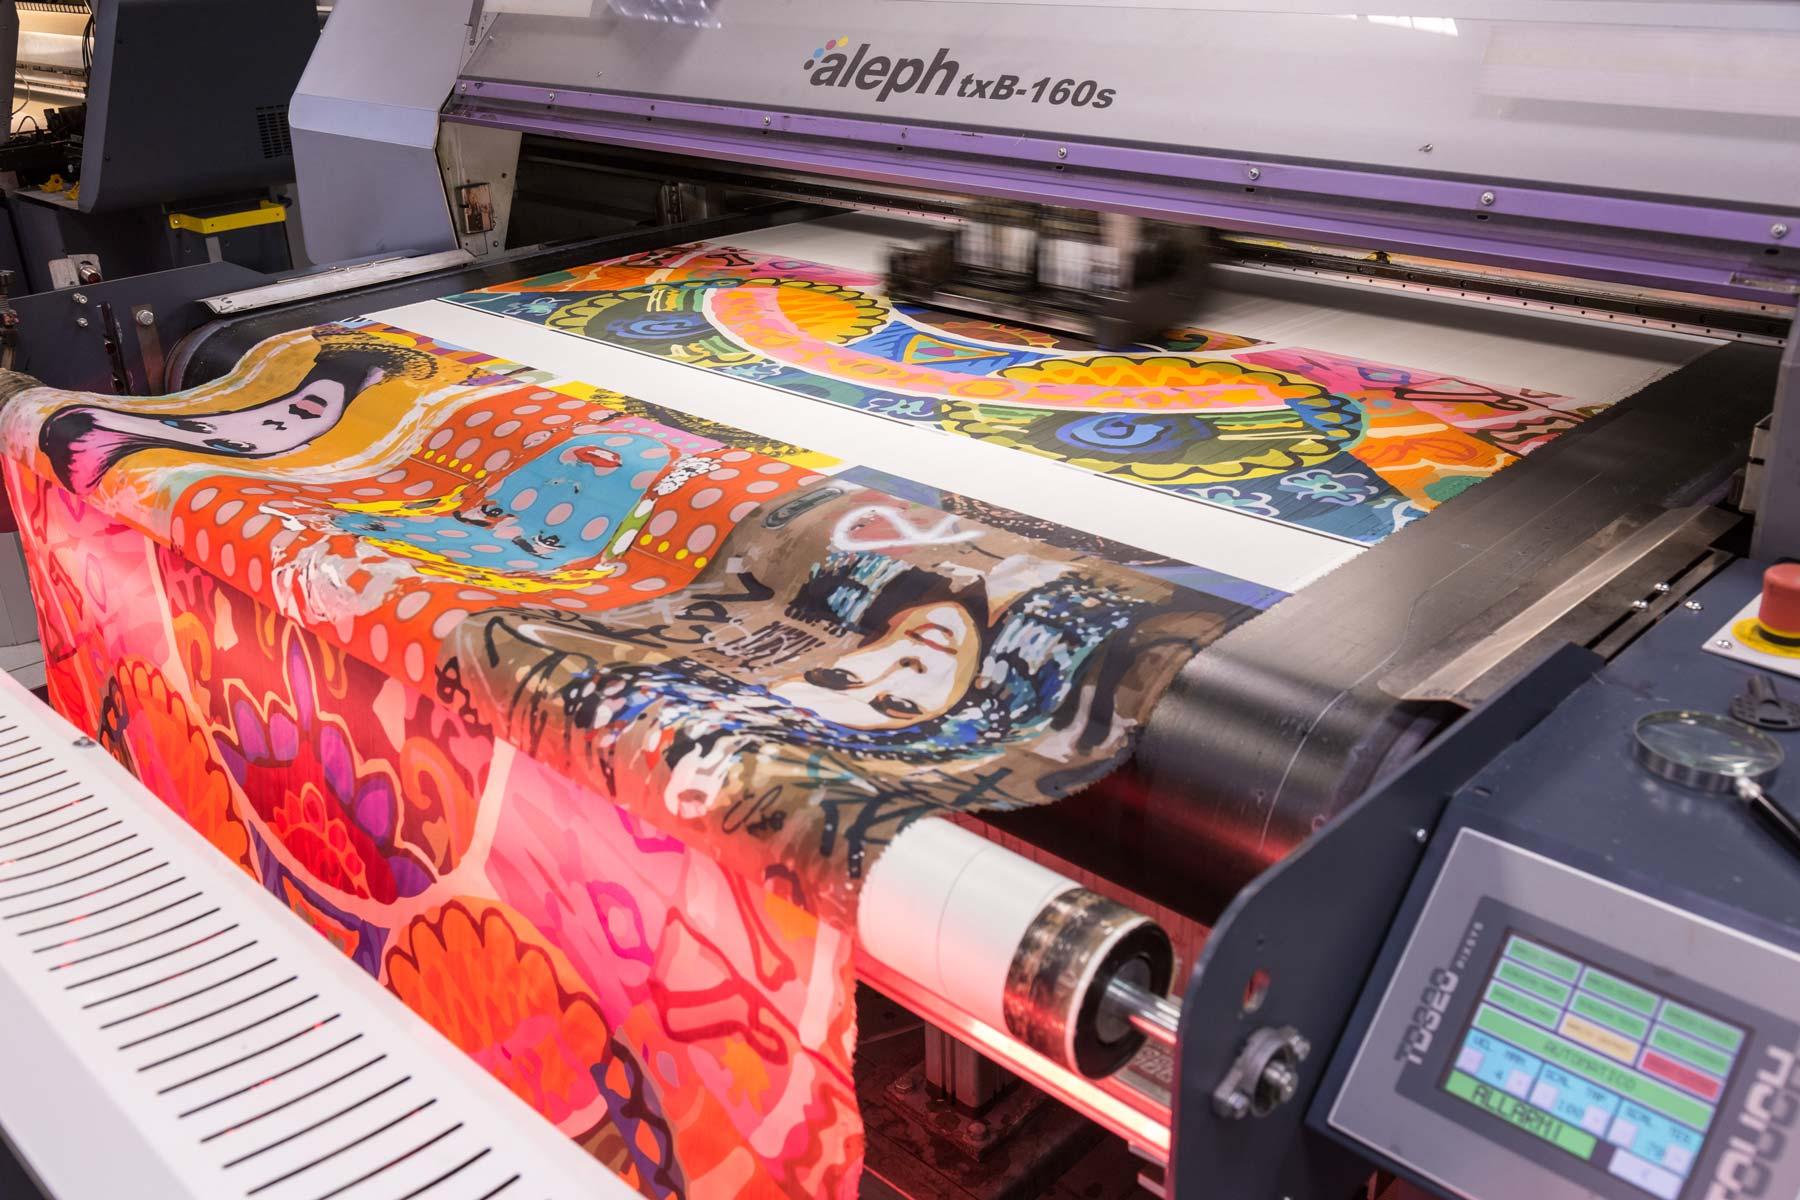 Azienda produttrice di macchine industriali per la stampa